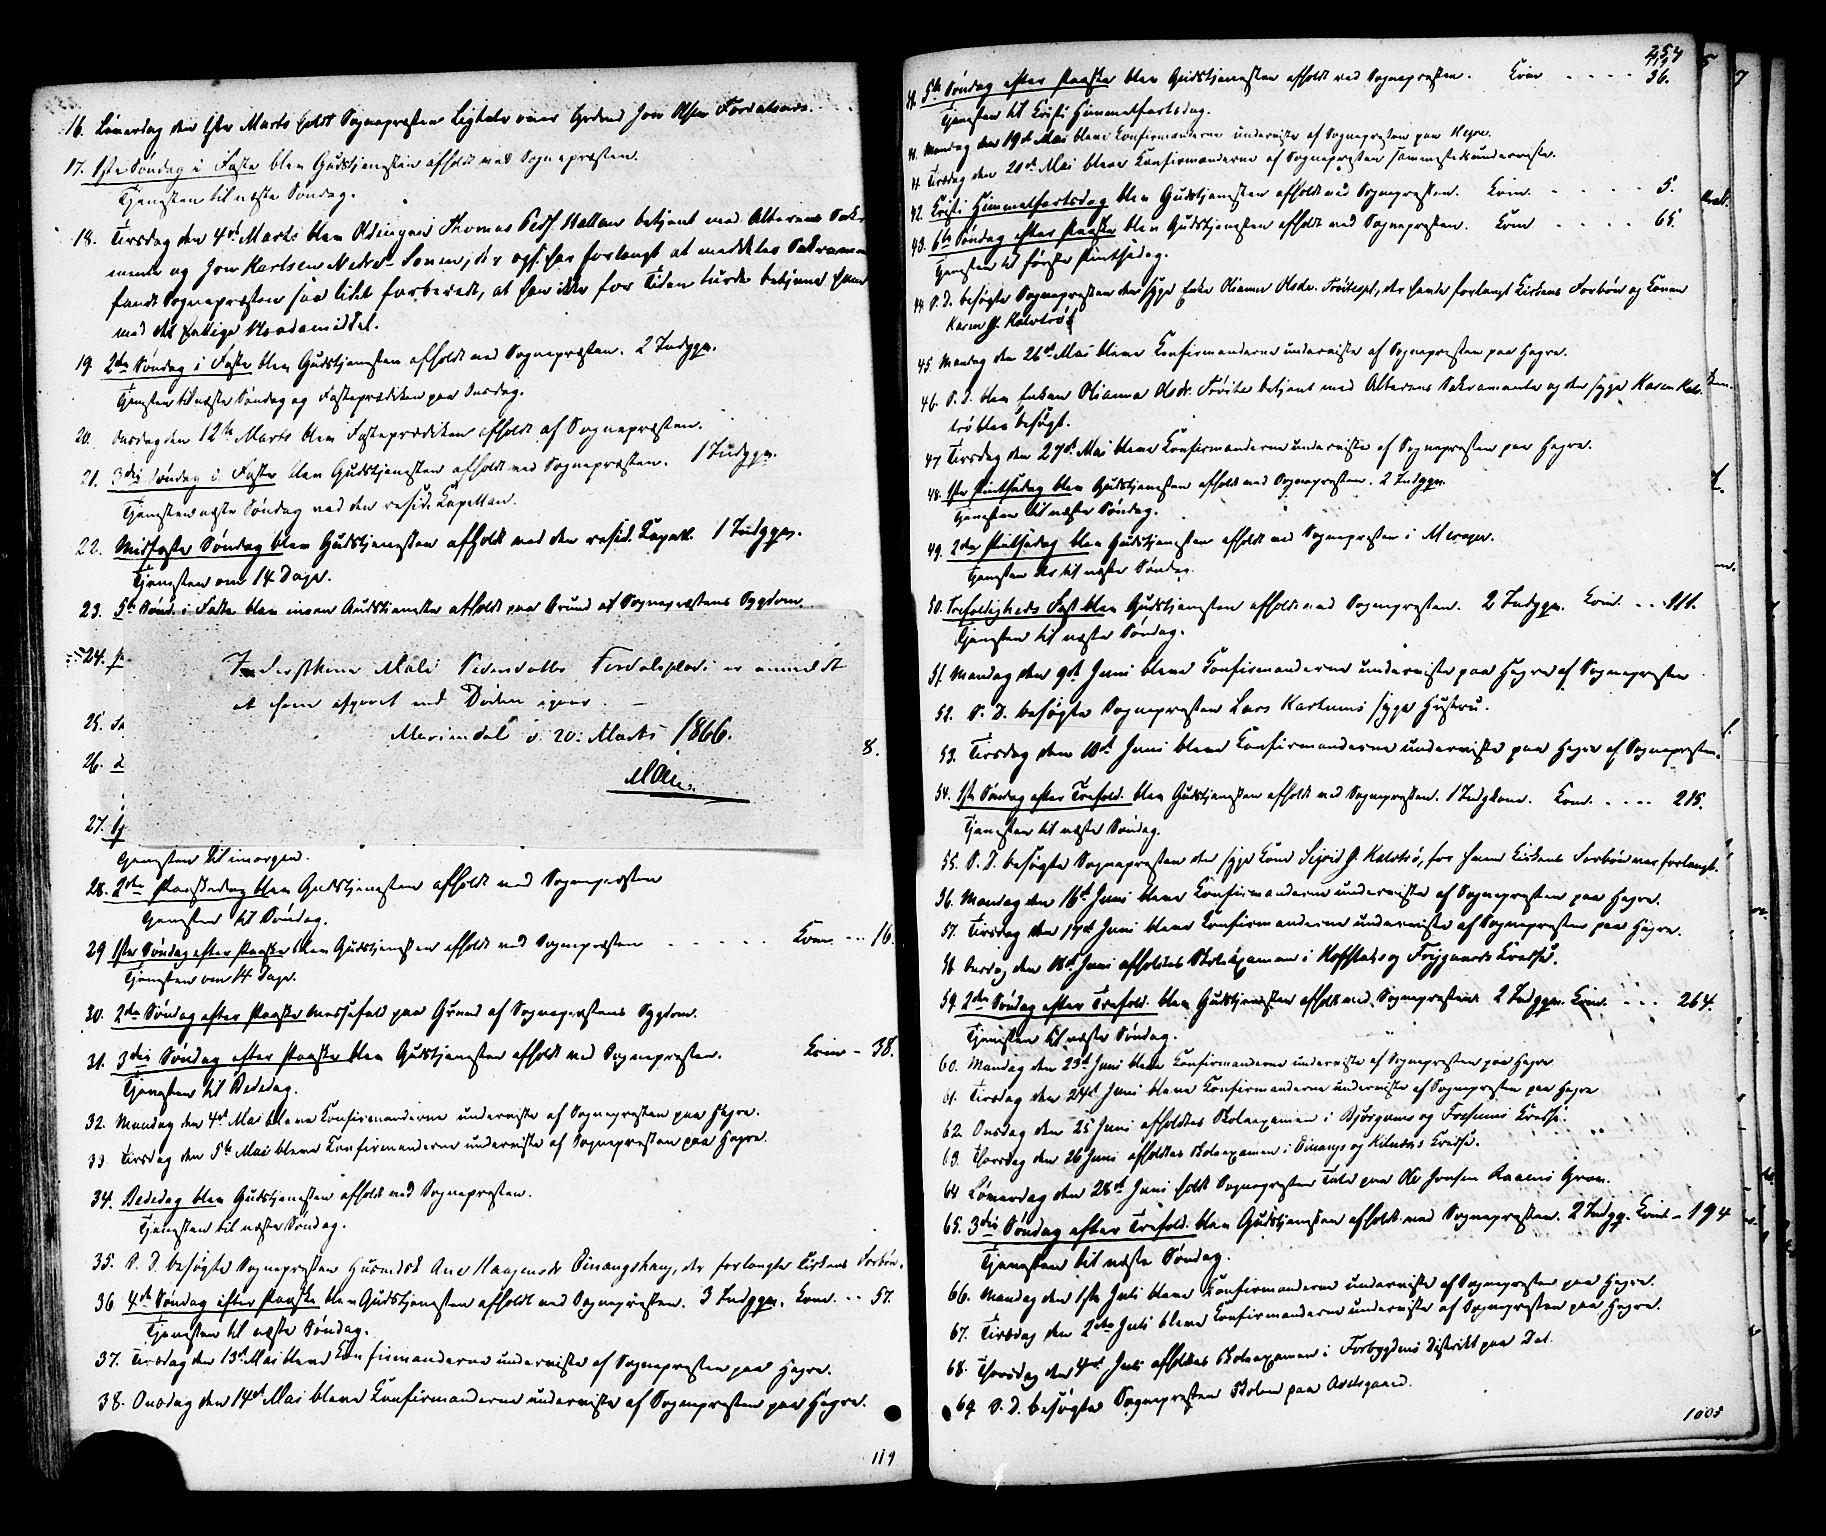 SAT, Ministerialprotokoller, klokkerbøker og fødselsregistre - Nord-Trøndelag, 703/L0029: Parish register (official) no. 703A02, 1863-1879, p. 254